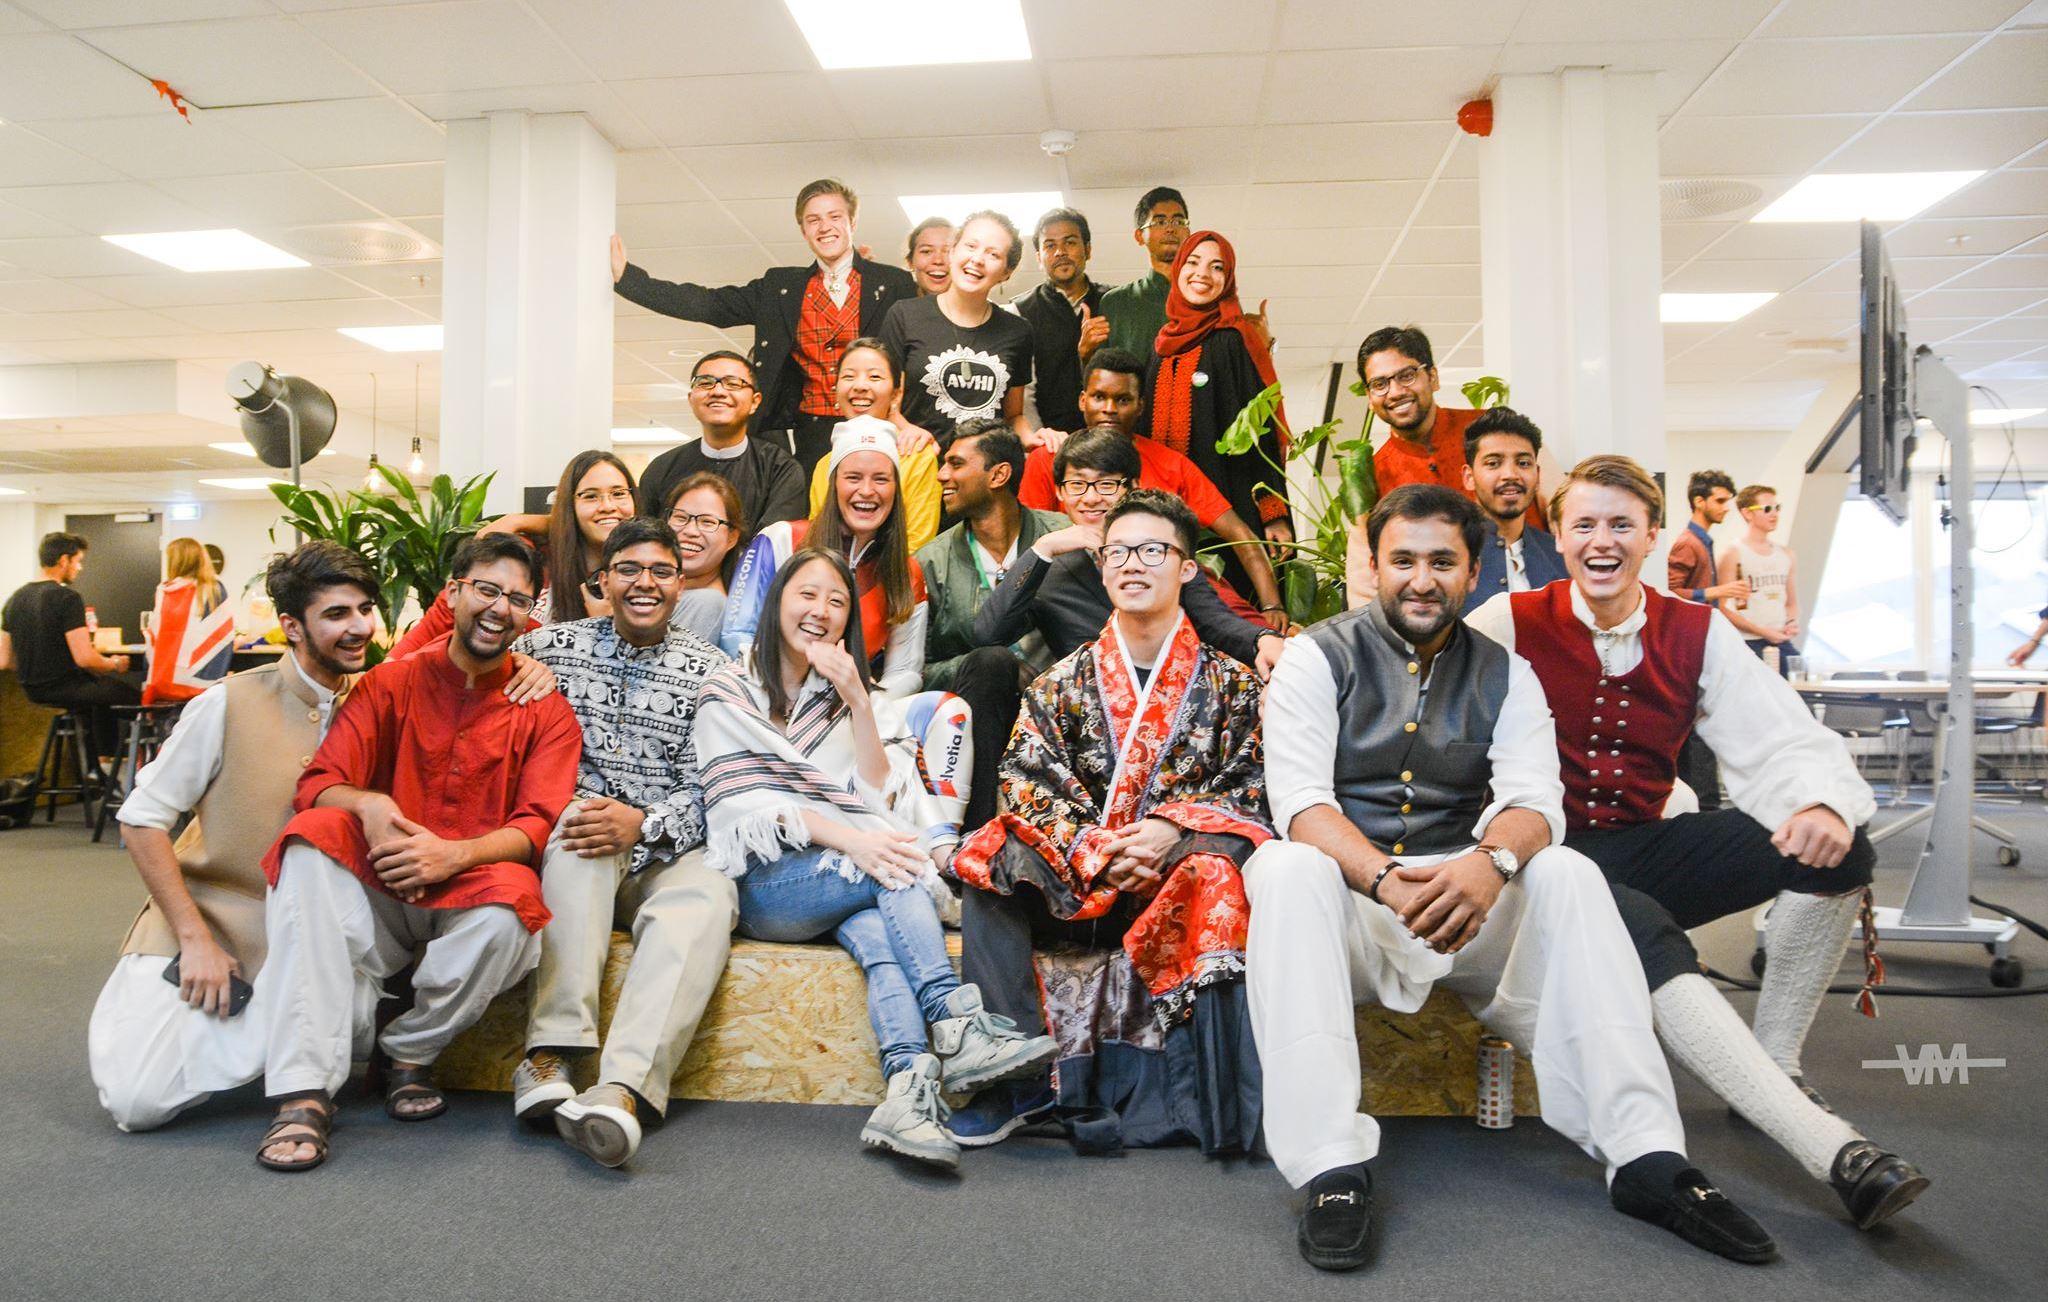 [Na Uy] Cơ Hội Làm Việc 2 Tuần Tại Na Uy Khi Tham Gia Chương Trình Khởi Nghiệp Young Sustainable Impact (YSI) Innovation Program 2018 (Tài Trợ Toàn Phần)